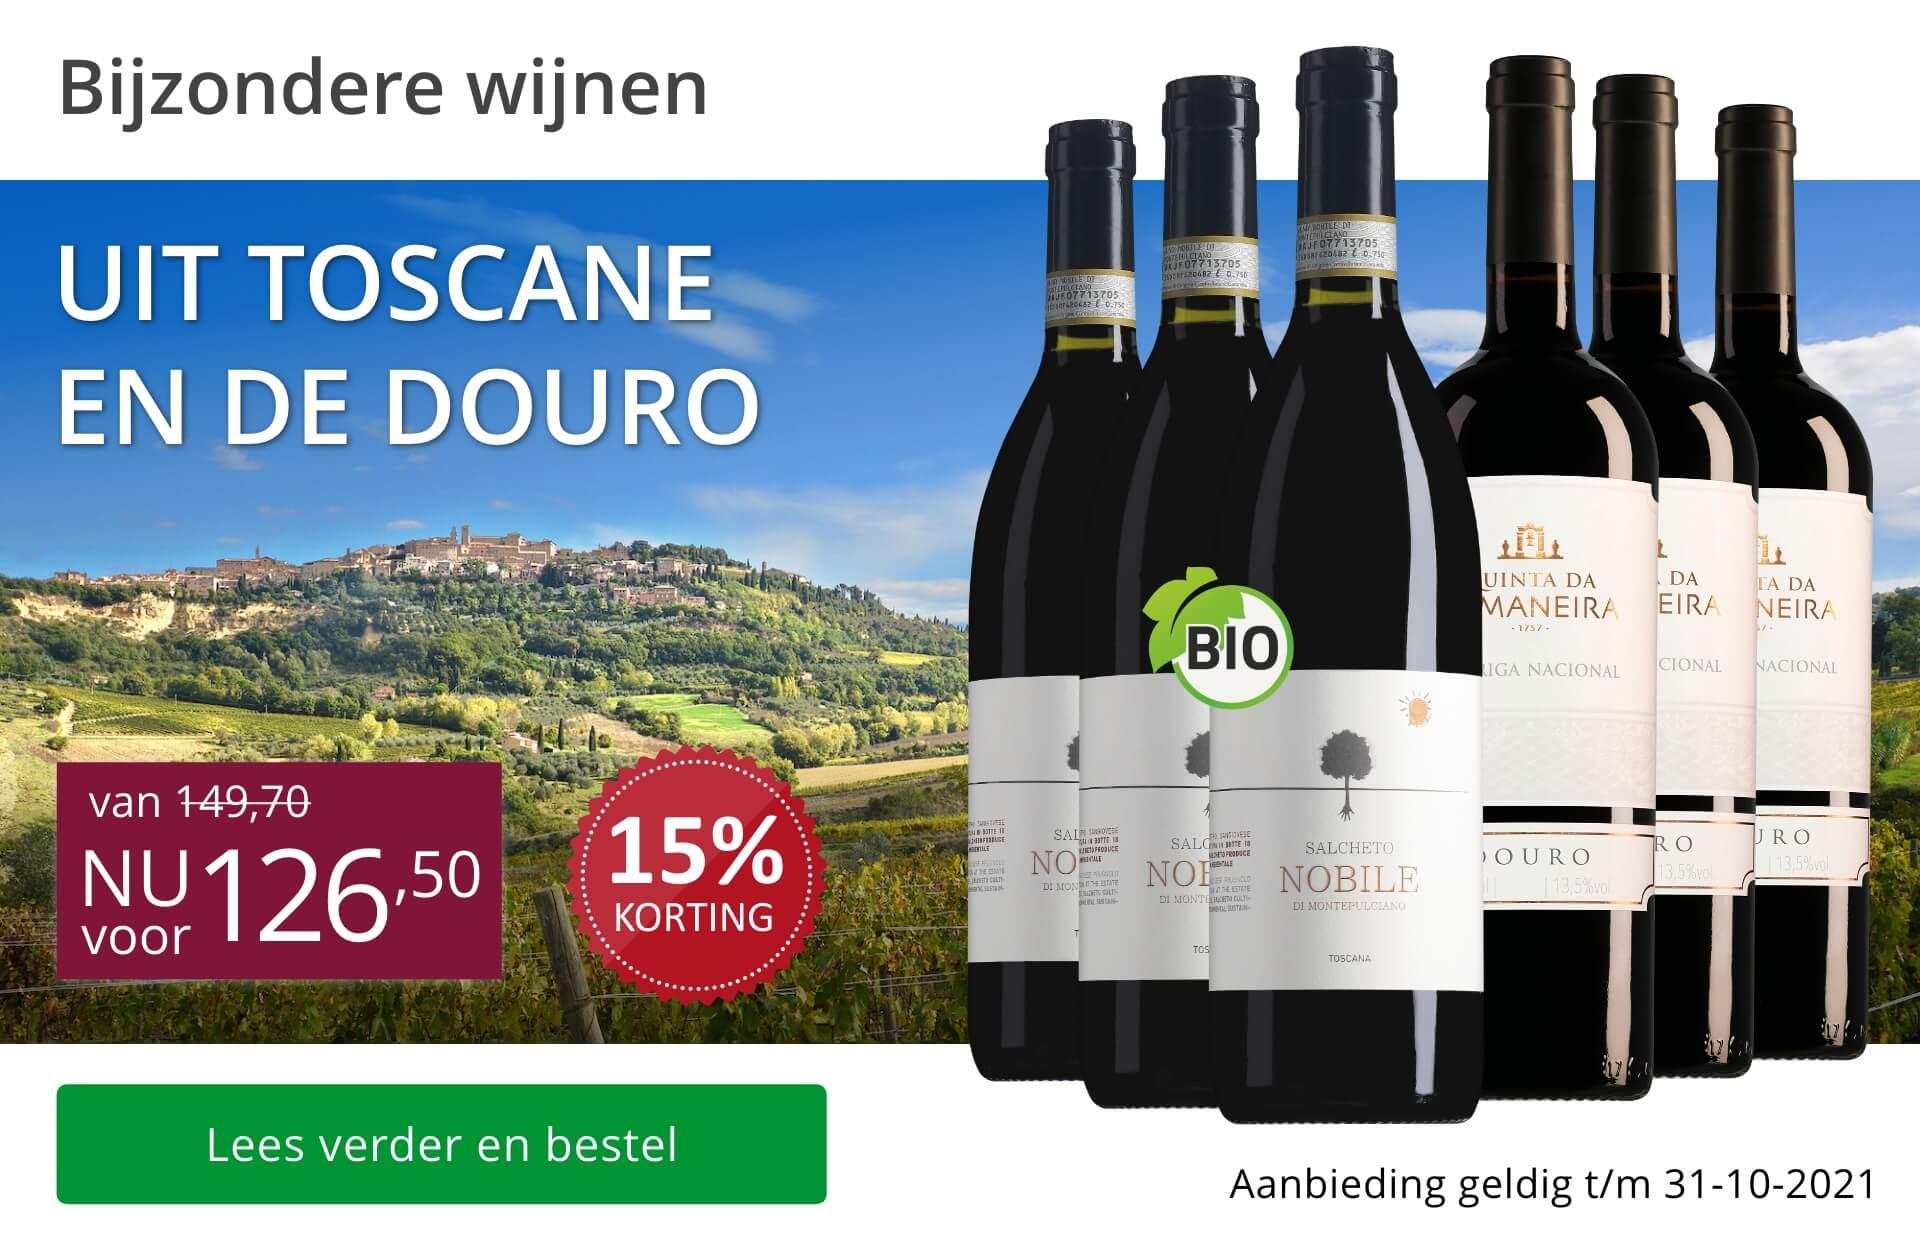 Wijnpakket bijzondere wijnen oktober 2021 - paars